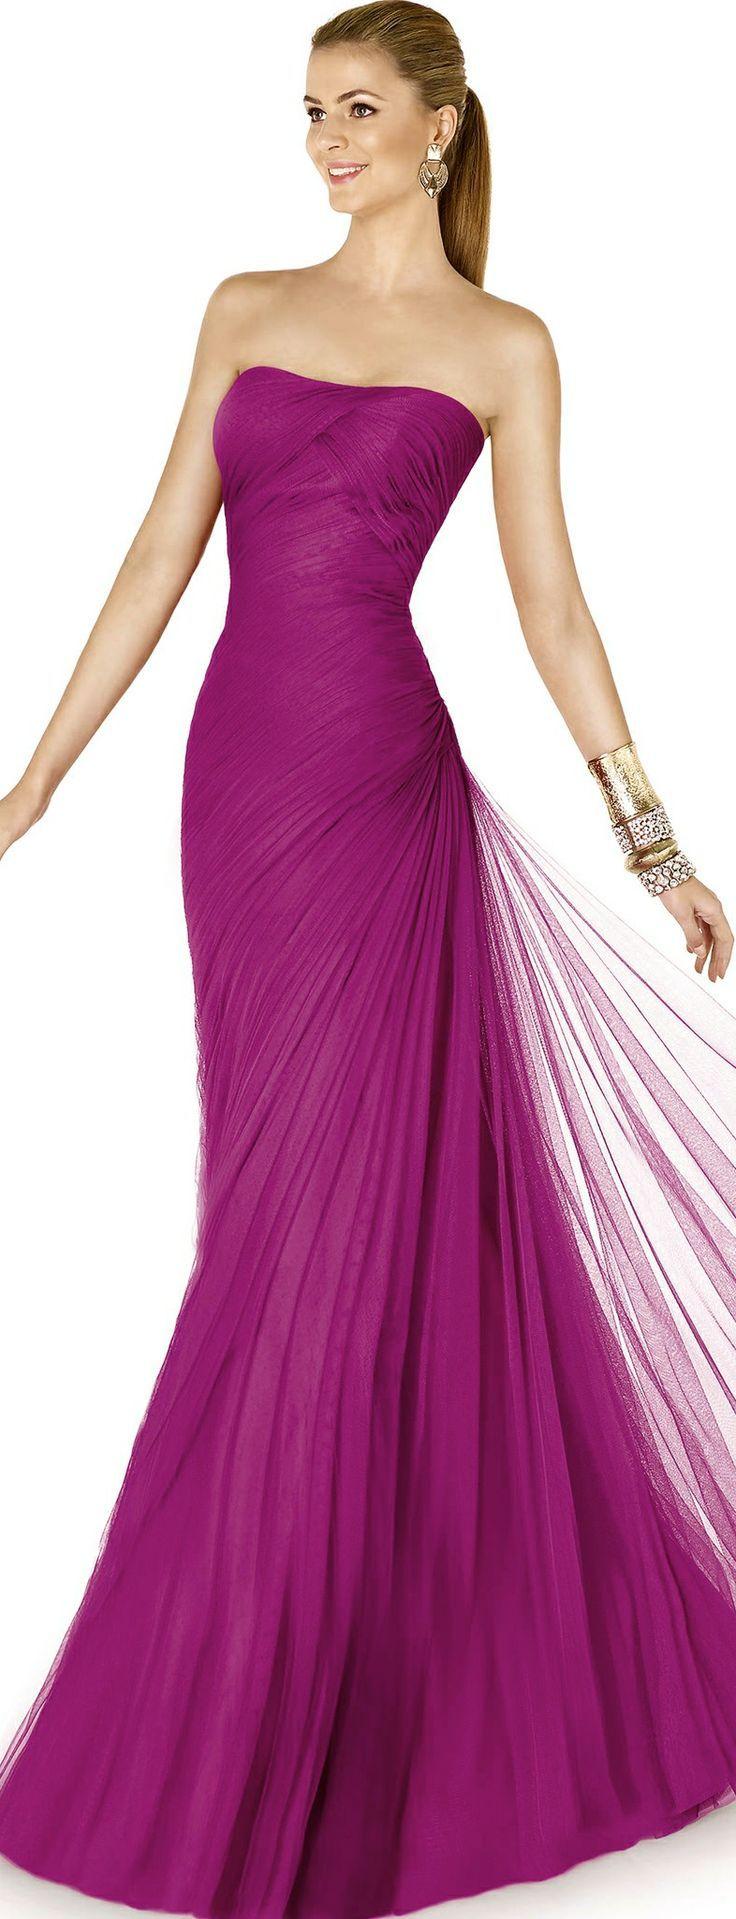 Atractivo Vestidos De Dama En Bristol Embellecimiento - Ideas de ...